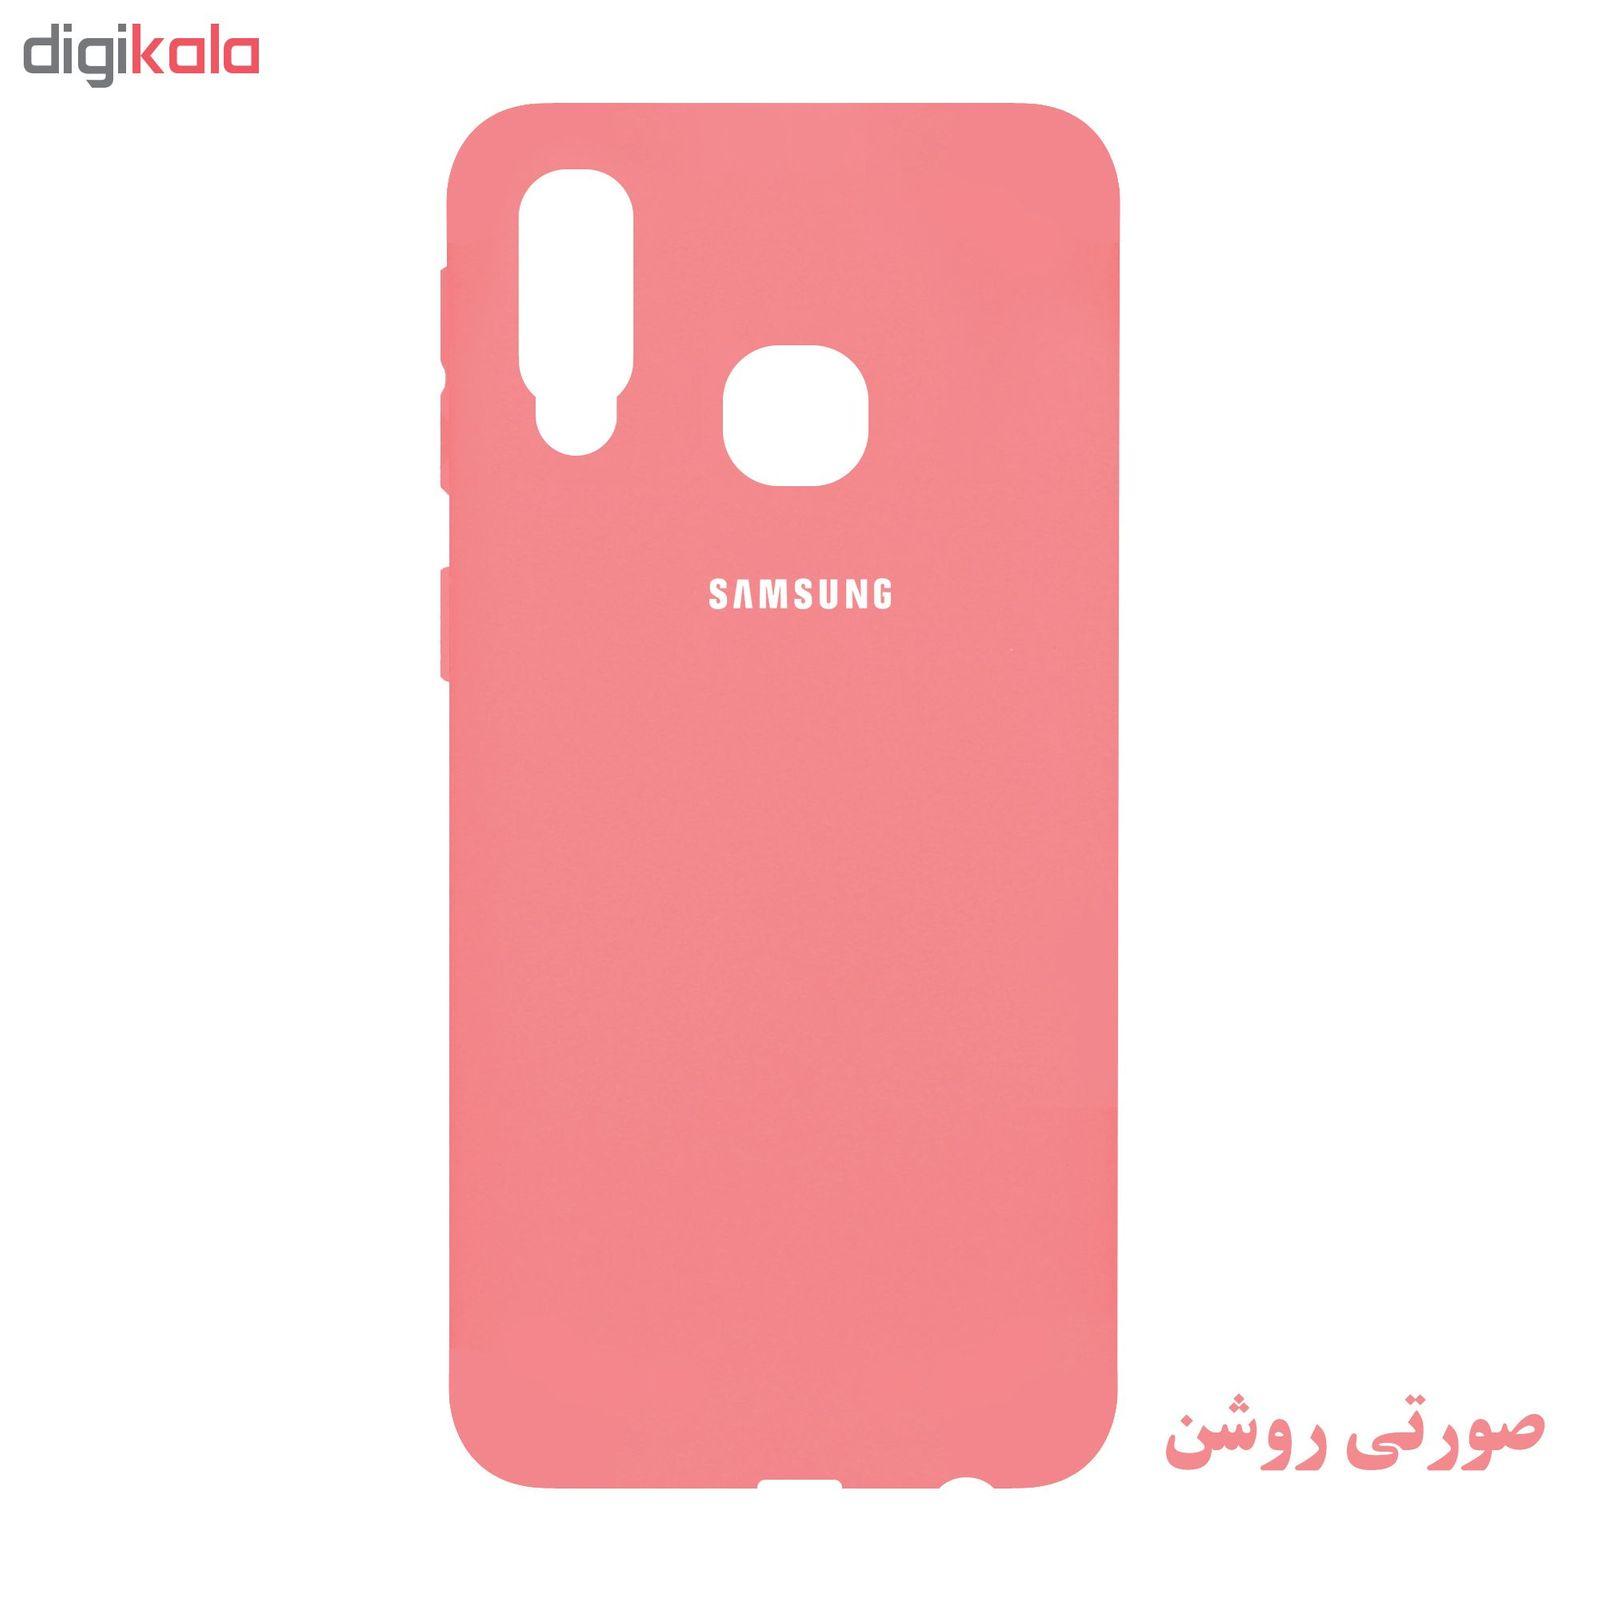 کاور مدل Silc مناسب برای گوشی موبایل سامسونگ Galaxy A10S main 1 4